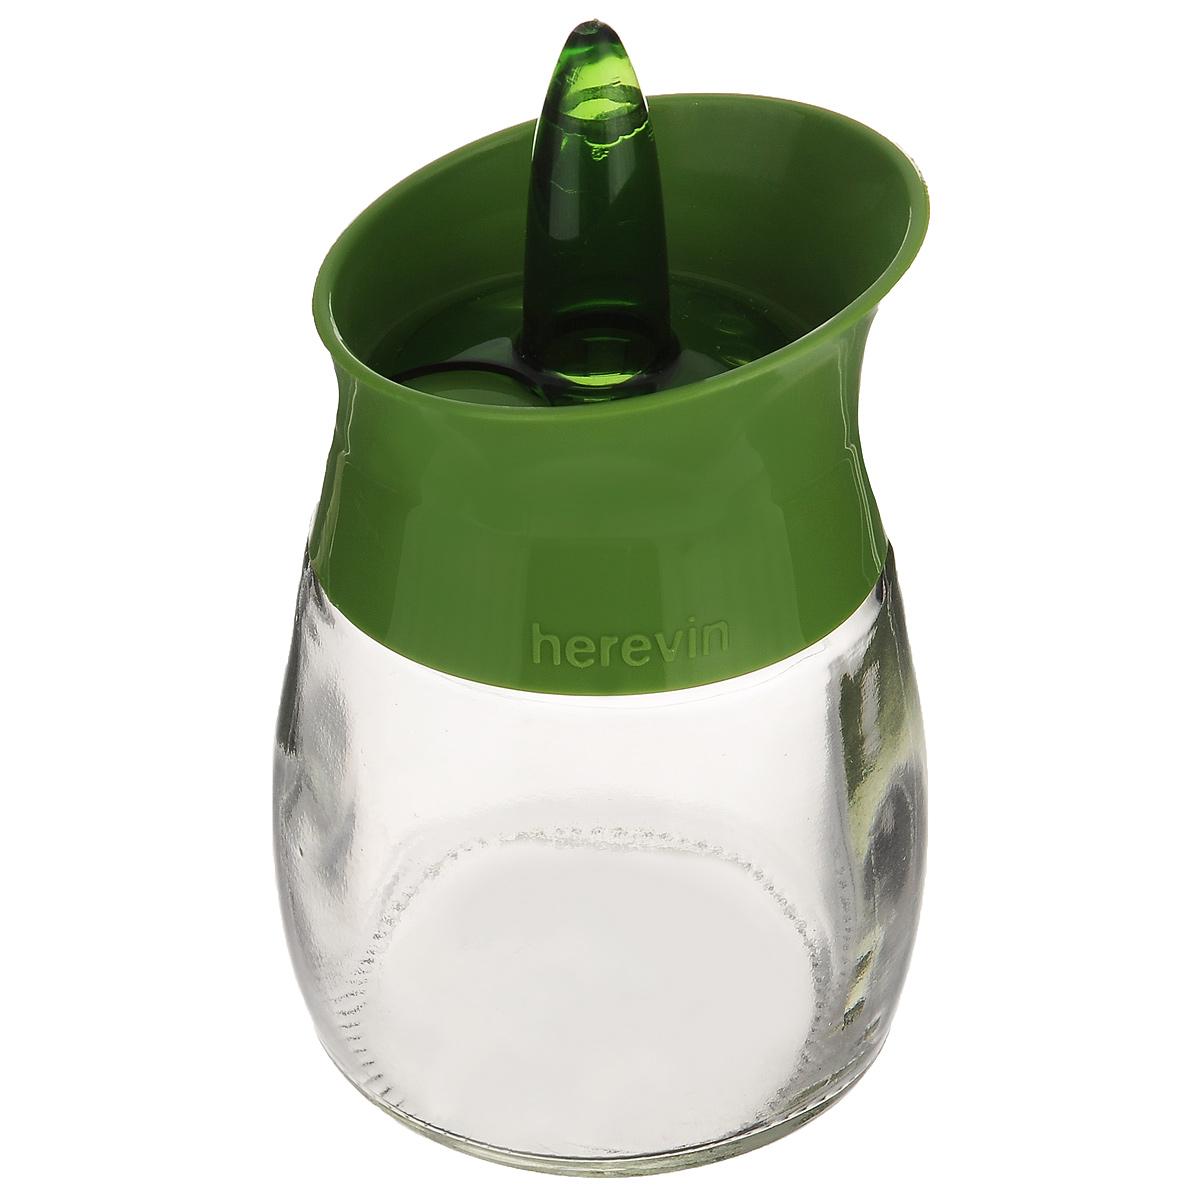 Банка для специй Herevin, цвет: прозрачный, зеленый, 200 мл. 131260-000131260-000_зеленыйБанка для специй Herevin выполнена из прозрачного стекла и оснащена пластиковой цветной крышкой с отверстиями разного размера, благодаря которым, вы сможете приправить блюда, просто перевернув банку. Крышка снабжена поворотным механизмом, благодаря которому вы сможете регулировать степень подачи специй. Крышка легко откручивается, благодаря чему засыпать приправу внутрь очень просто. Такая баночка станет достойным дополнением к вашему кухонному инвентарю. Можно мыть в посудомоечной машине. Диаметр (по верхнему краю): 5,5 см. Высота банки (без учета крышки): 7,5 см.